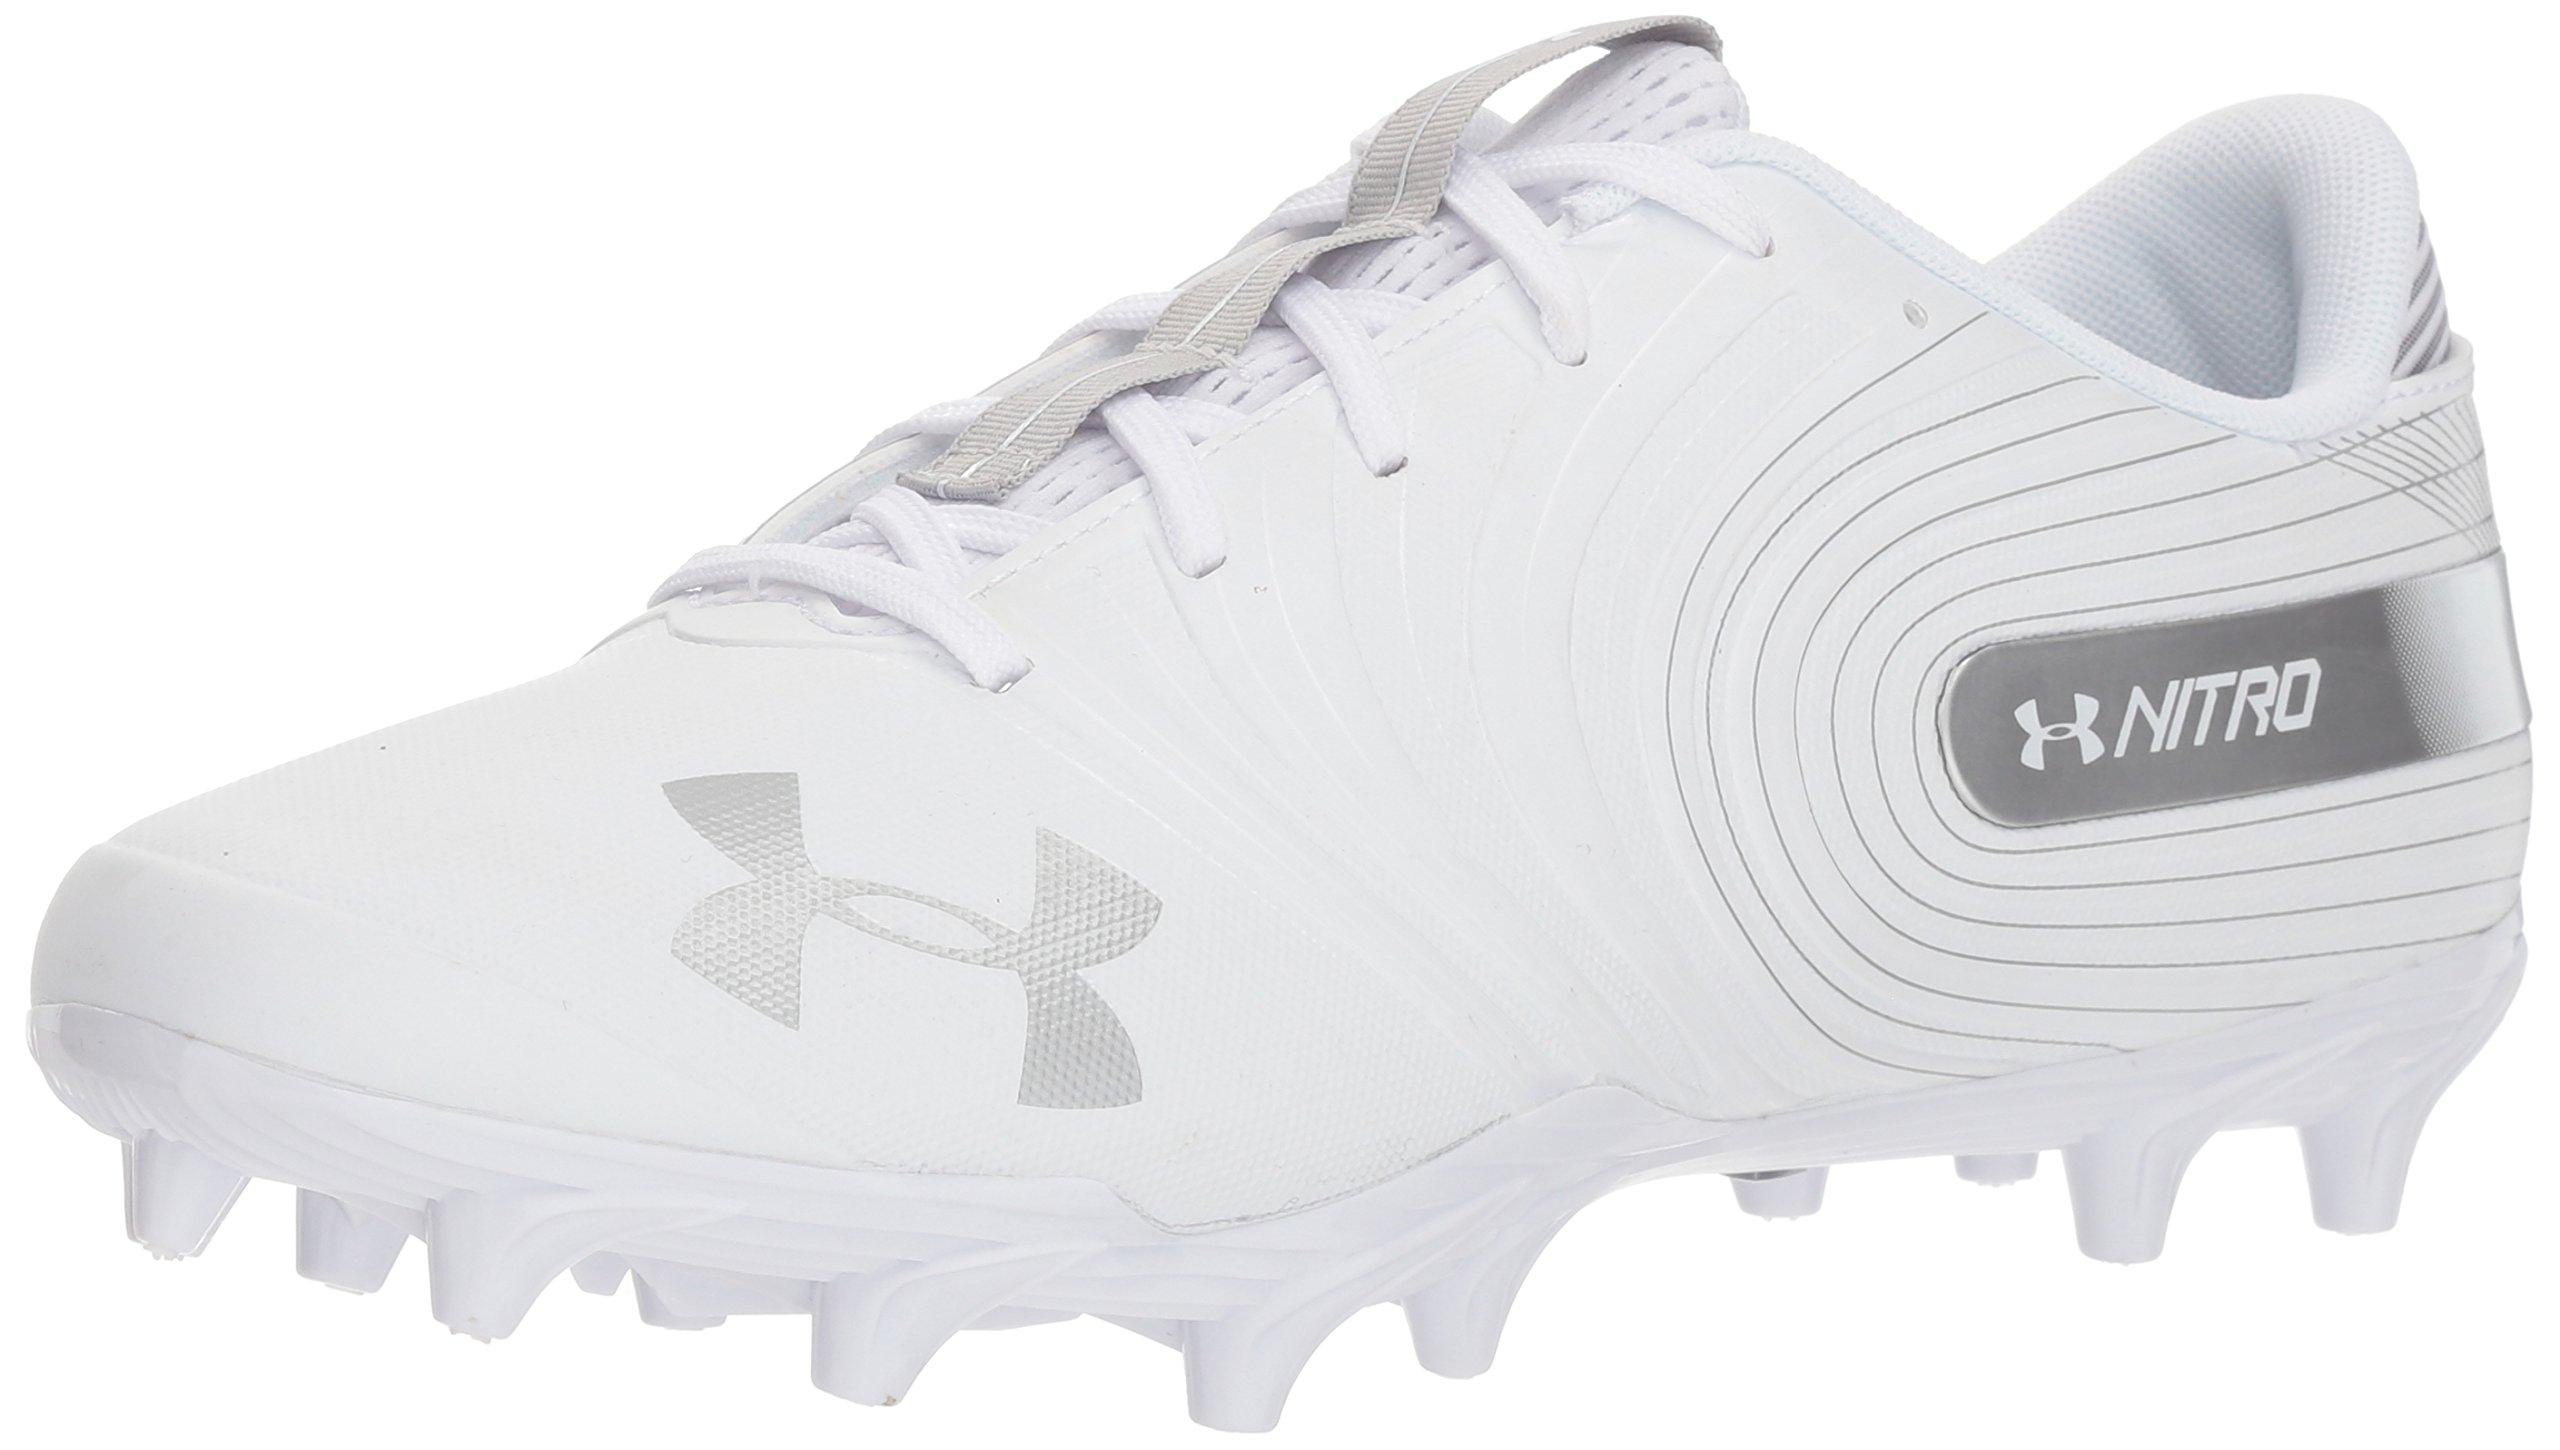 Under Armour Men's Nitro Low MC Football Shoe, White (100)/Metallic Silver, 10.5